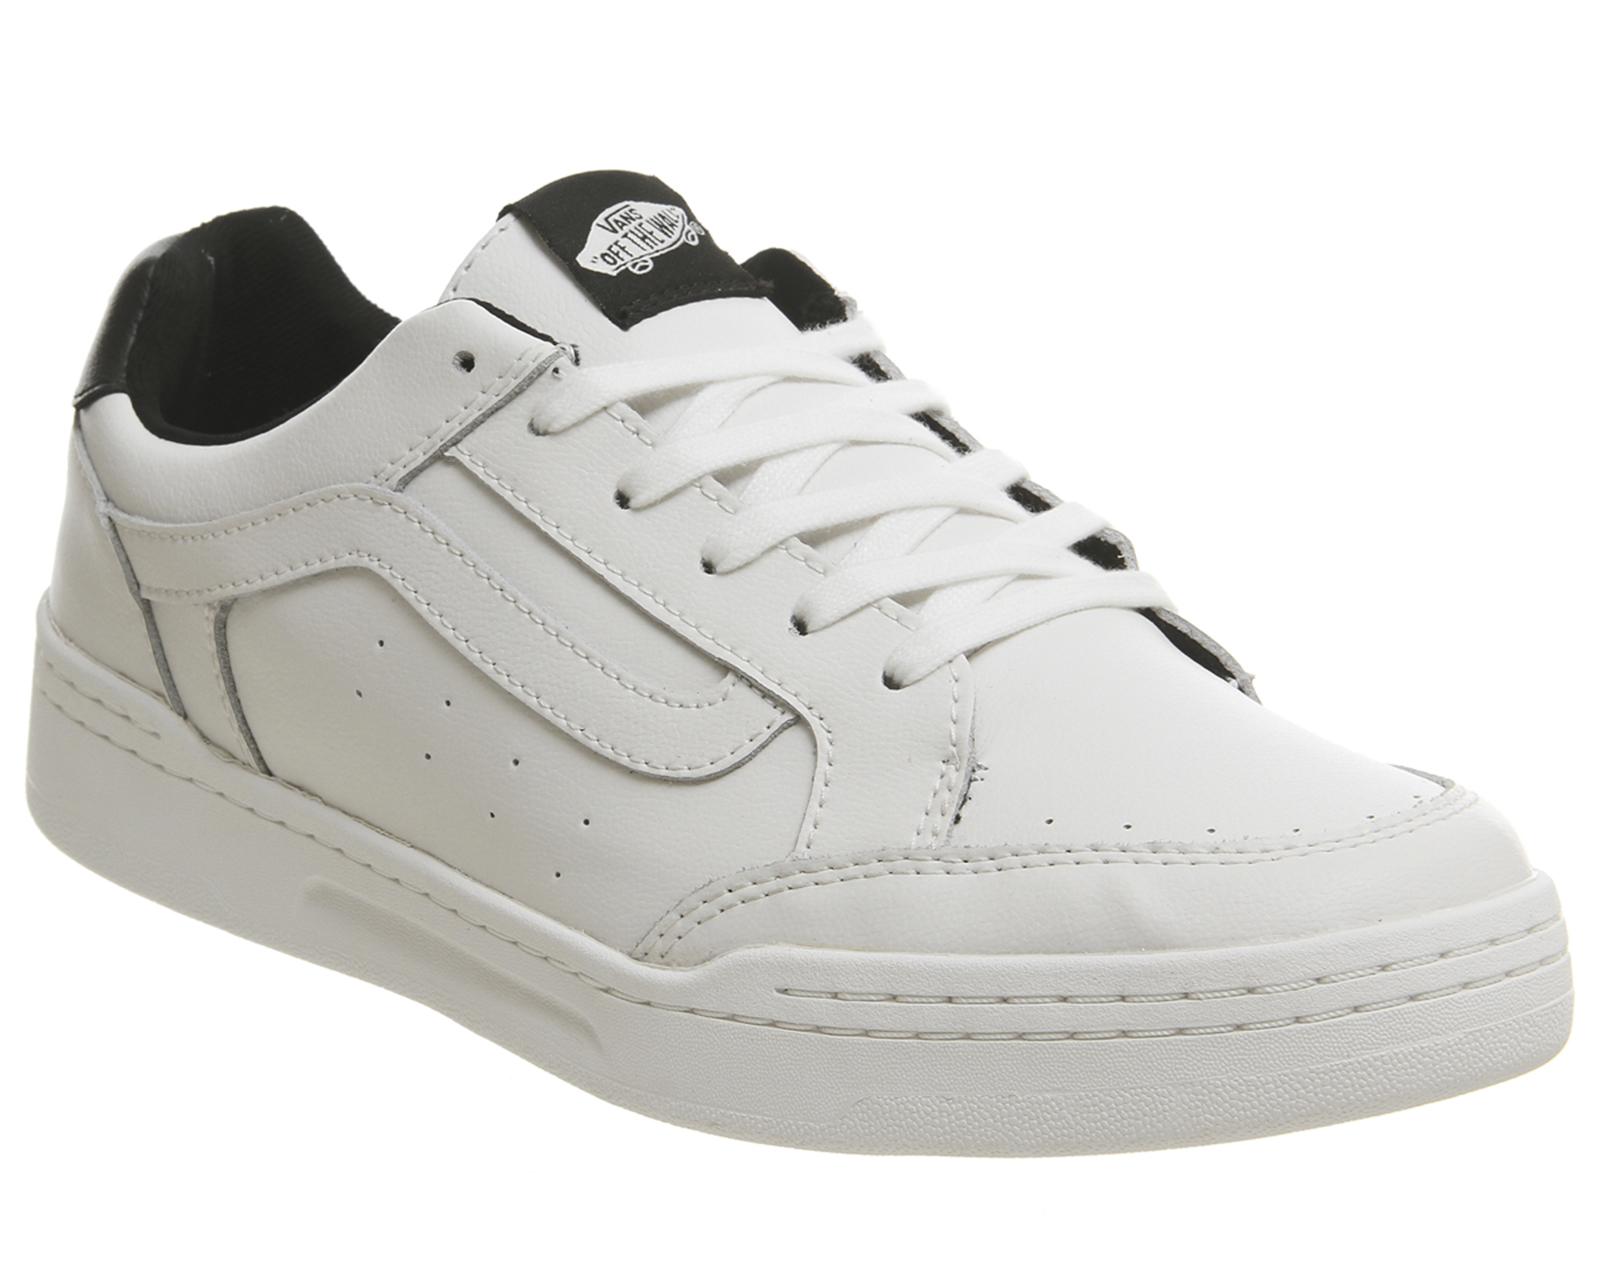 new product 91cbf 53a71 SENTINELLE Formateurs de VANS Highland BLANC noir Trainers Shoes